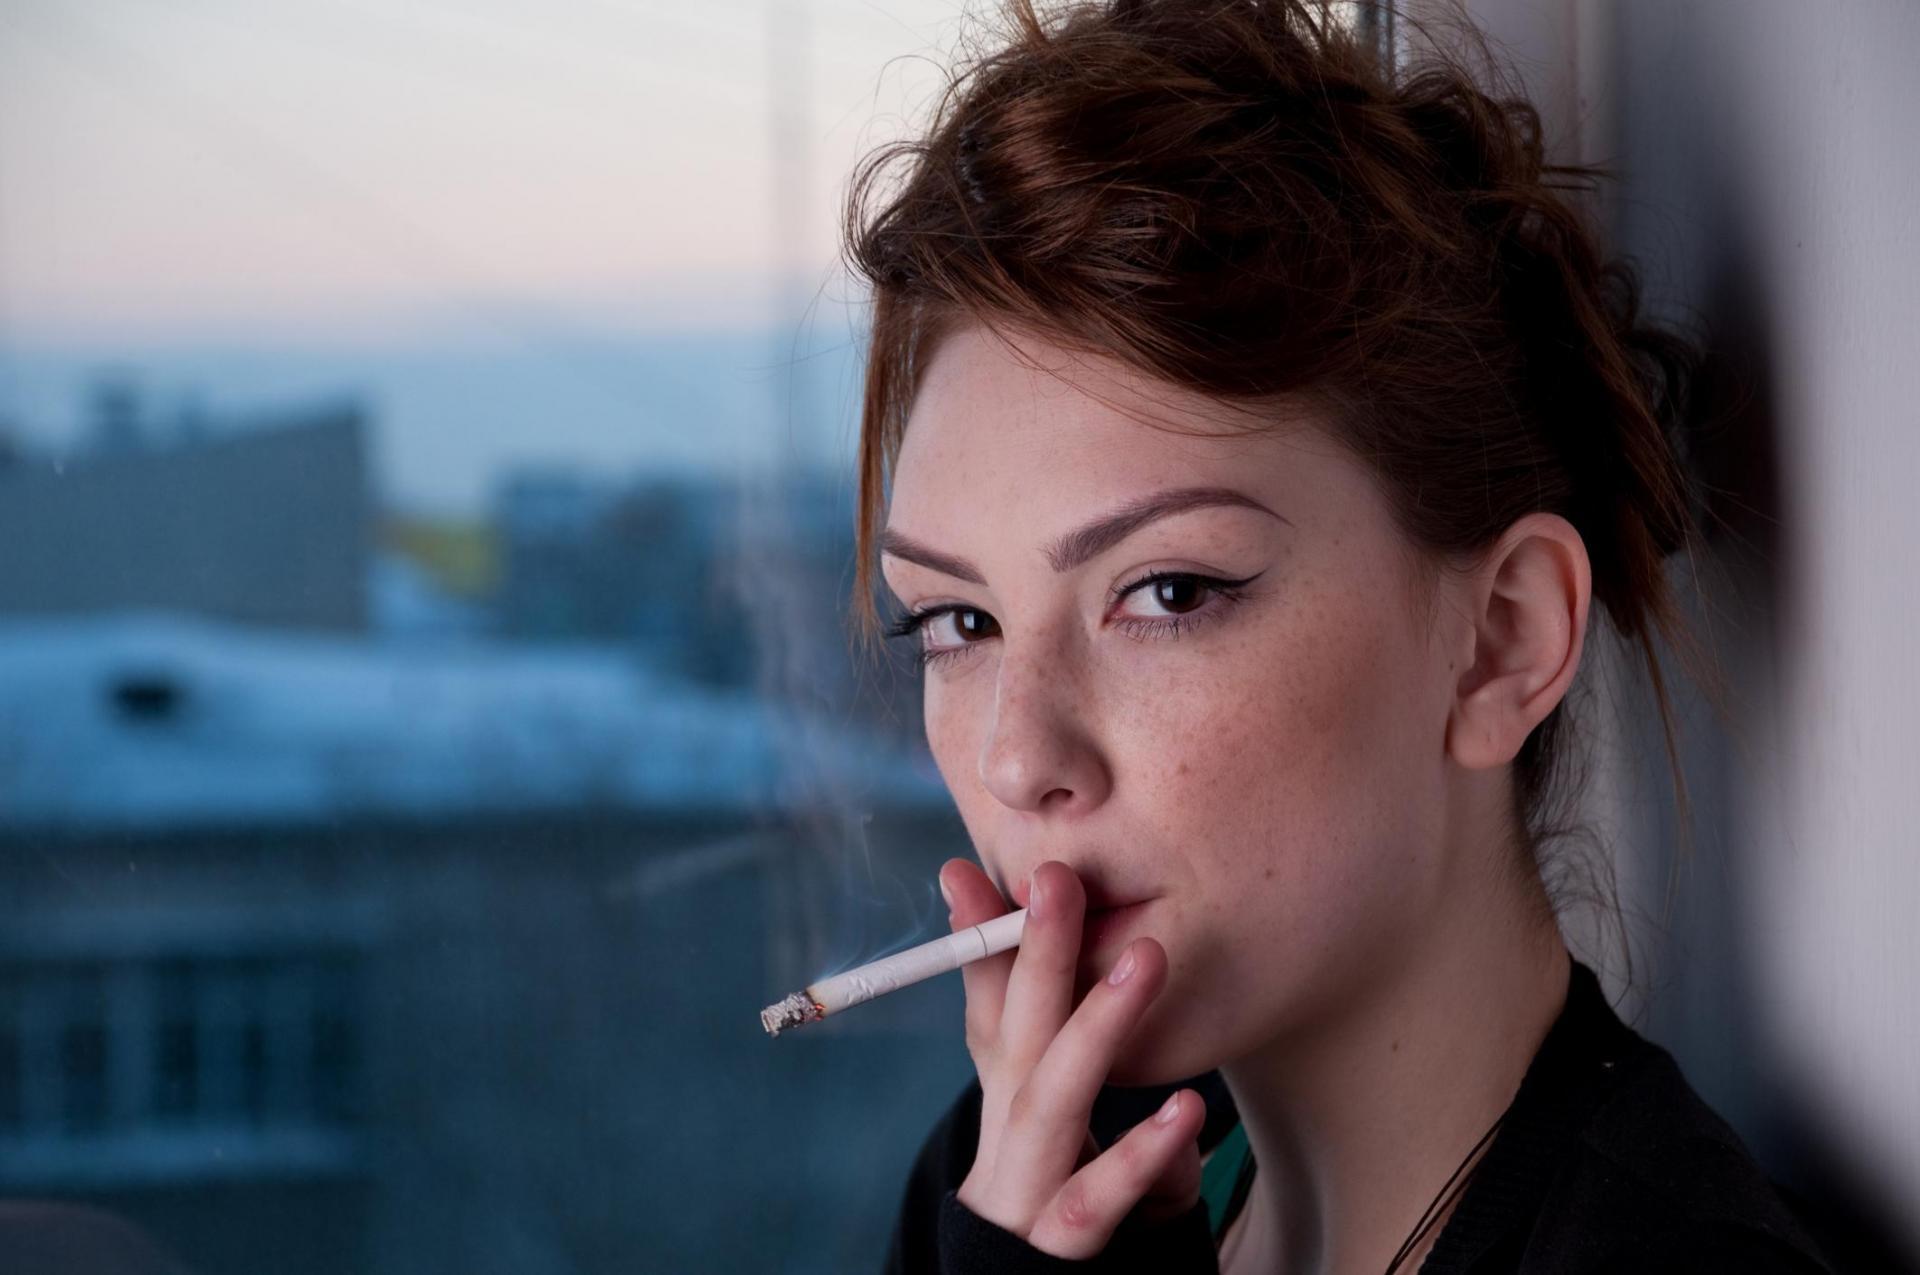 Смотреть курящую женщину видео — photo 3